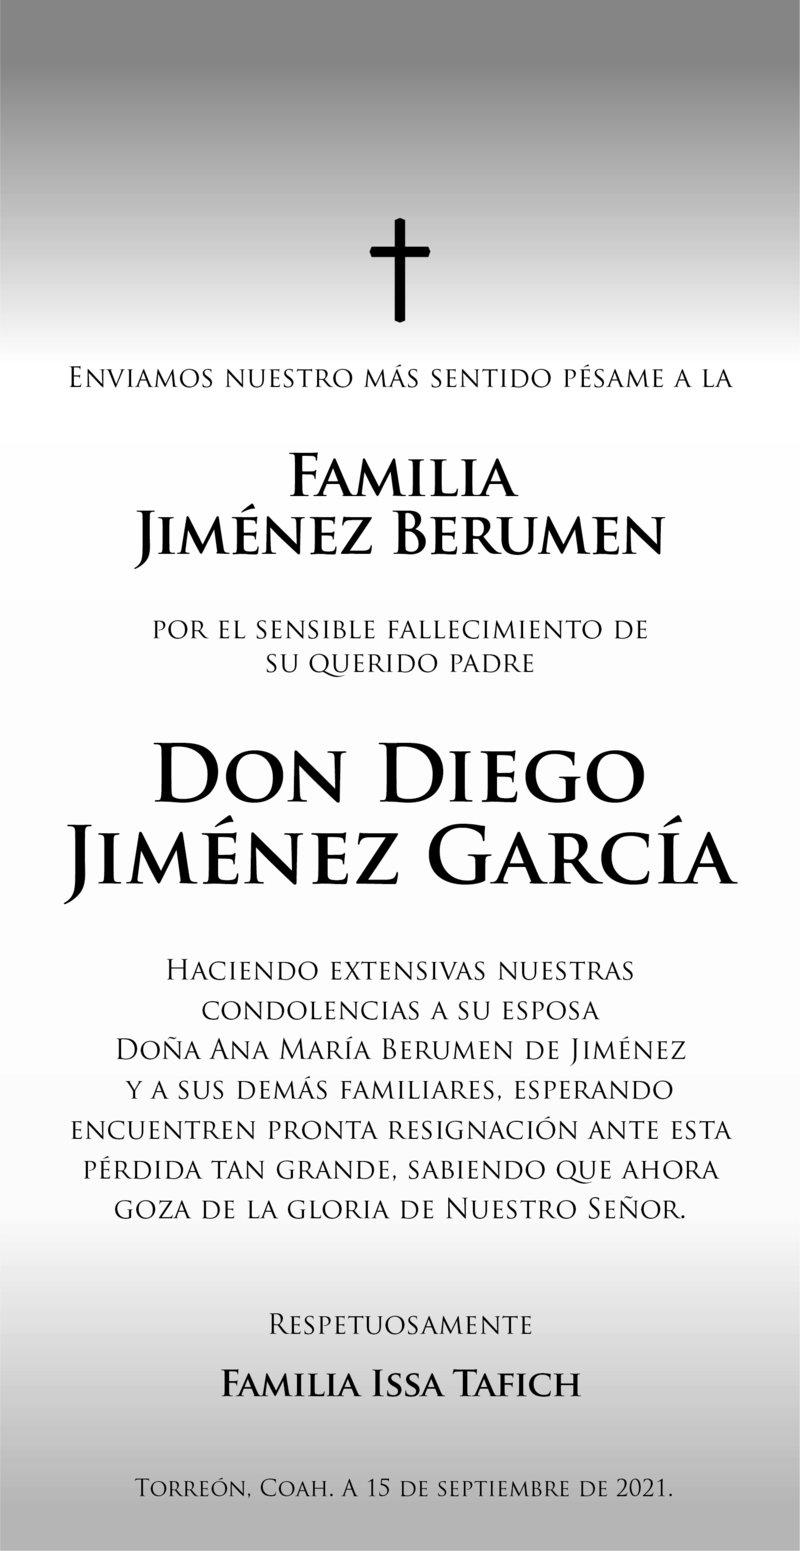 CONDOLENCIA: DON DIEGO JIMÉNEZ GARCÍA. Familia Issa Tafich, envian su más sentido pésame a la  Familia Jiménez Berumen por el sensible fallecimiento de su padre, Don Diego Jiménez García. Descanse en paz.